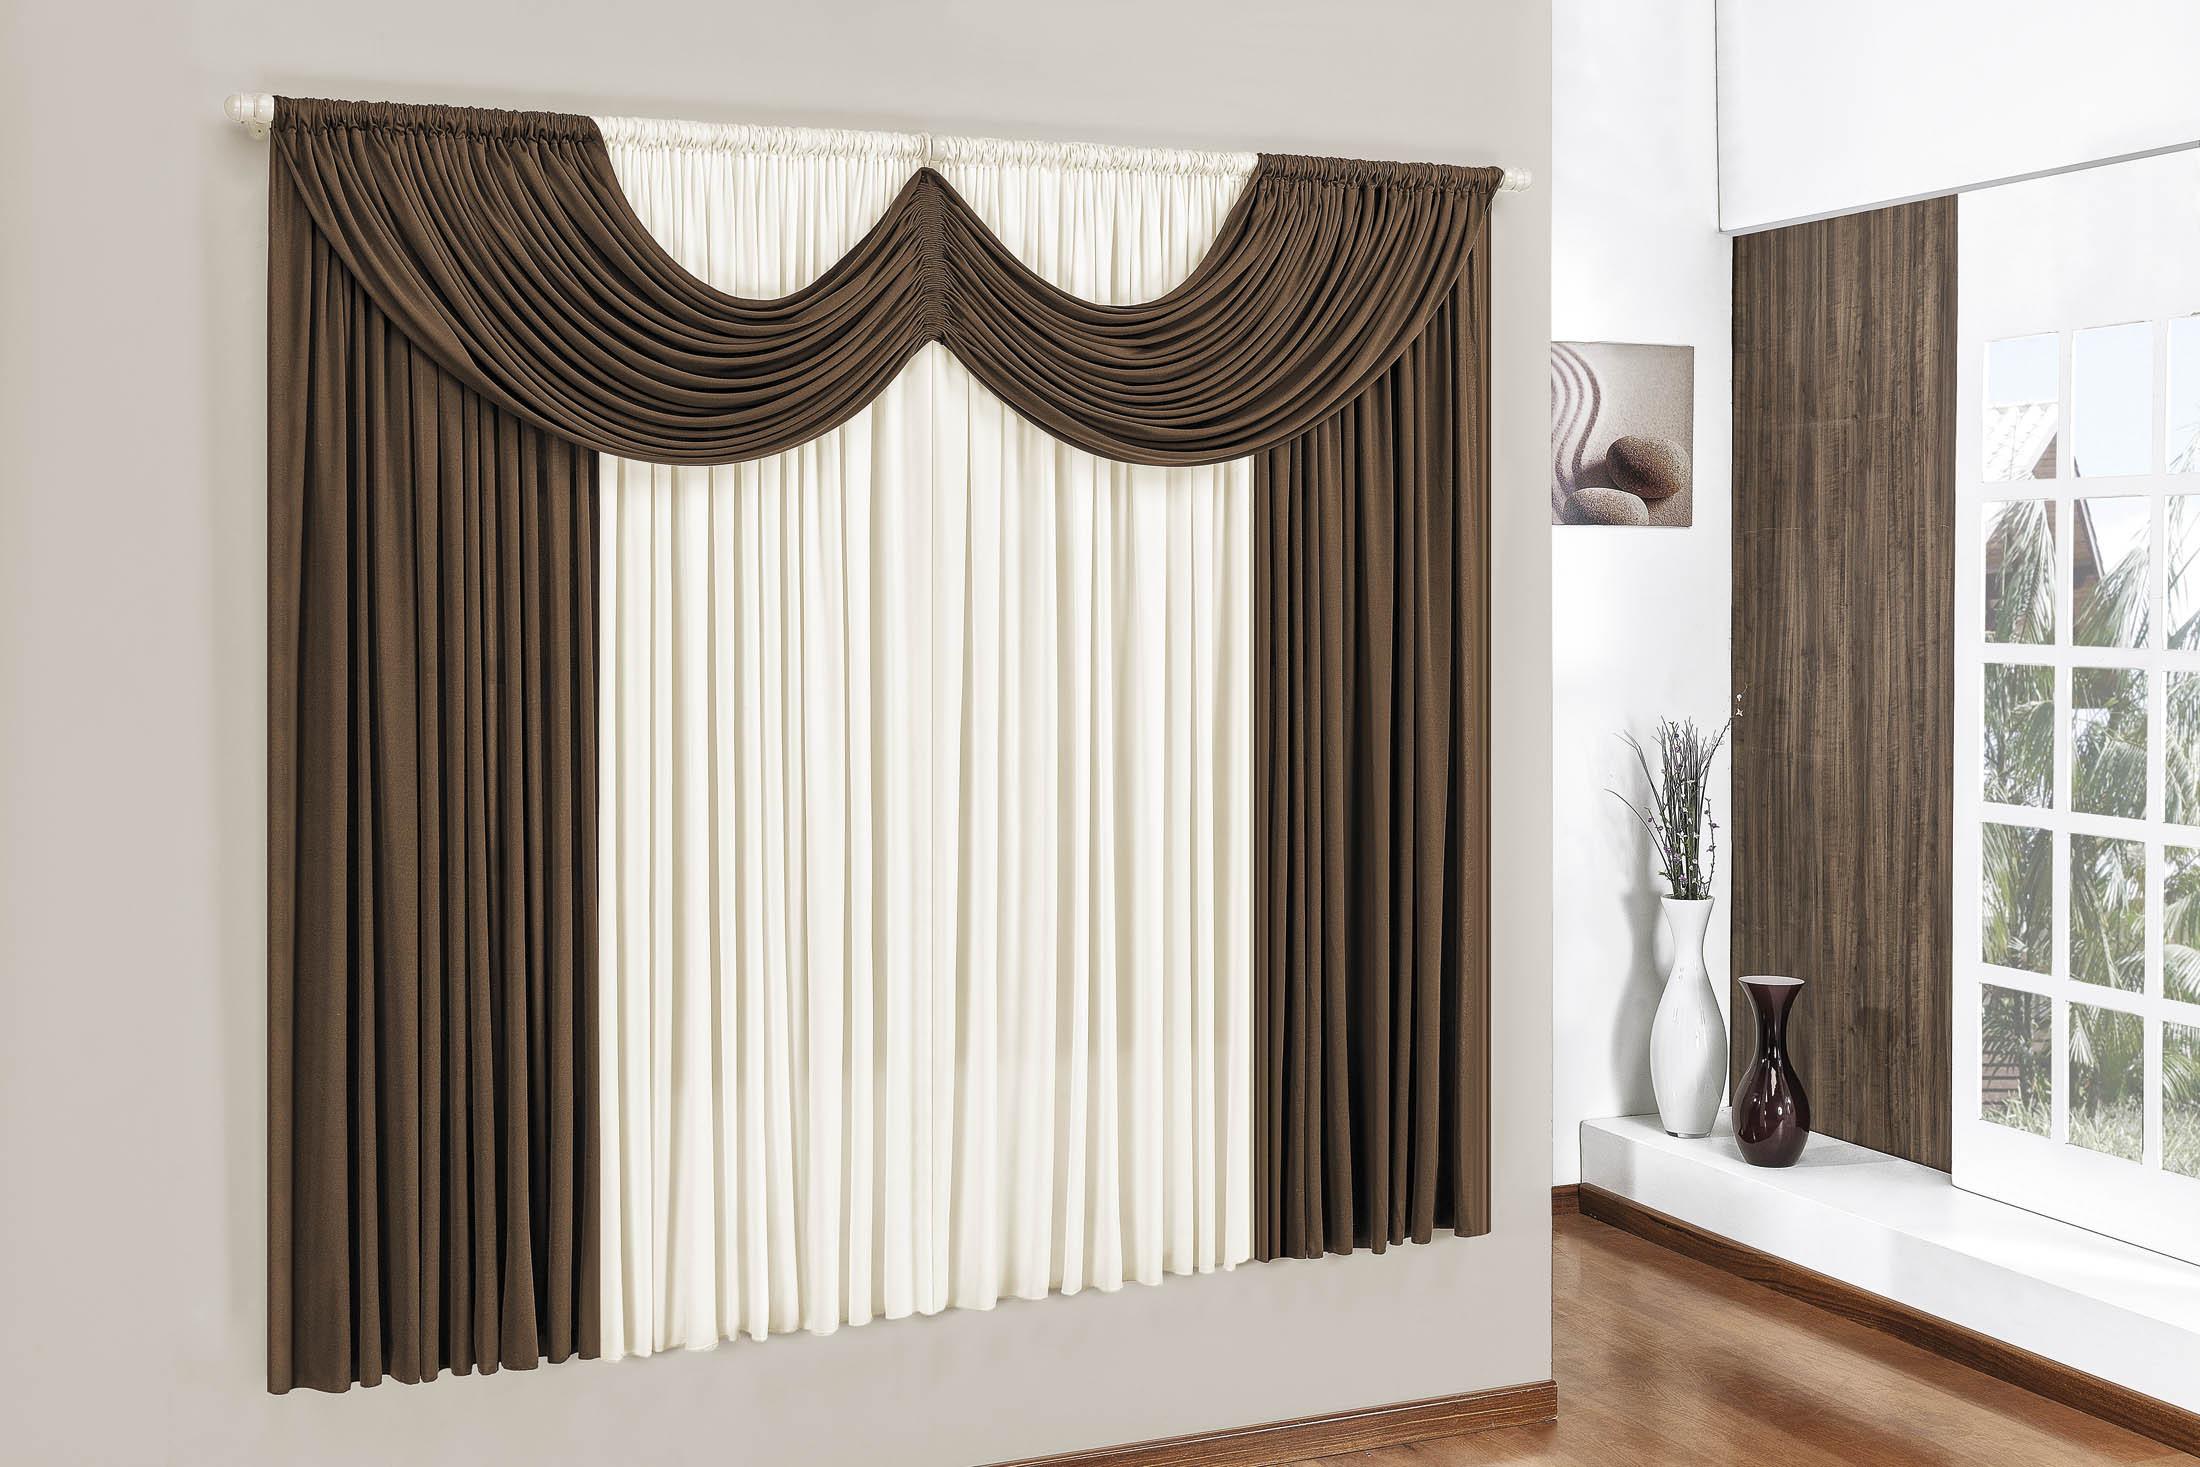 Tipos de cortina y para que se usan castelog - Tipo de cortinas ...